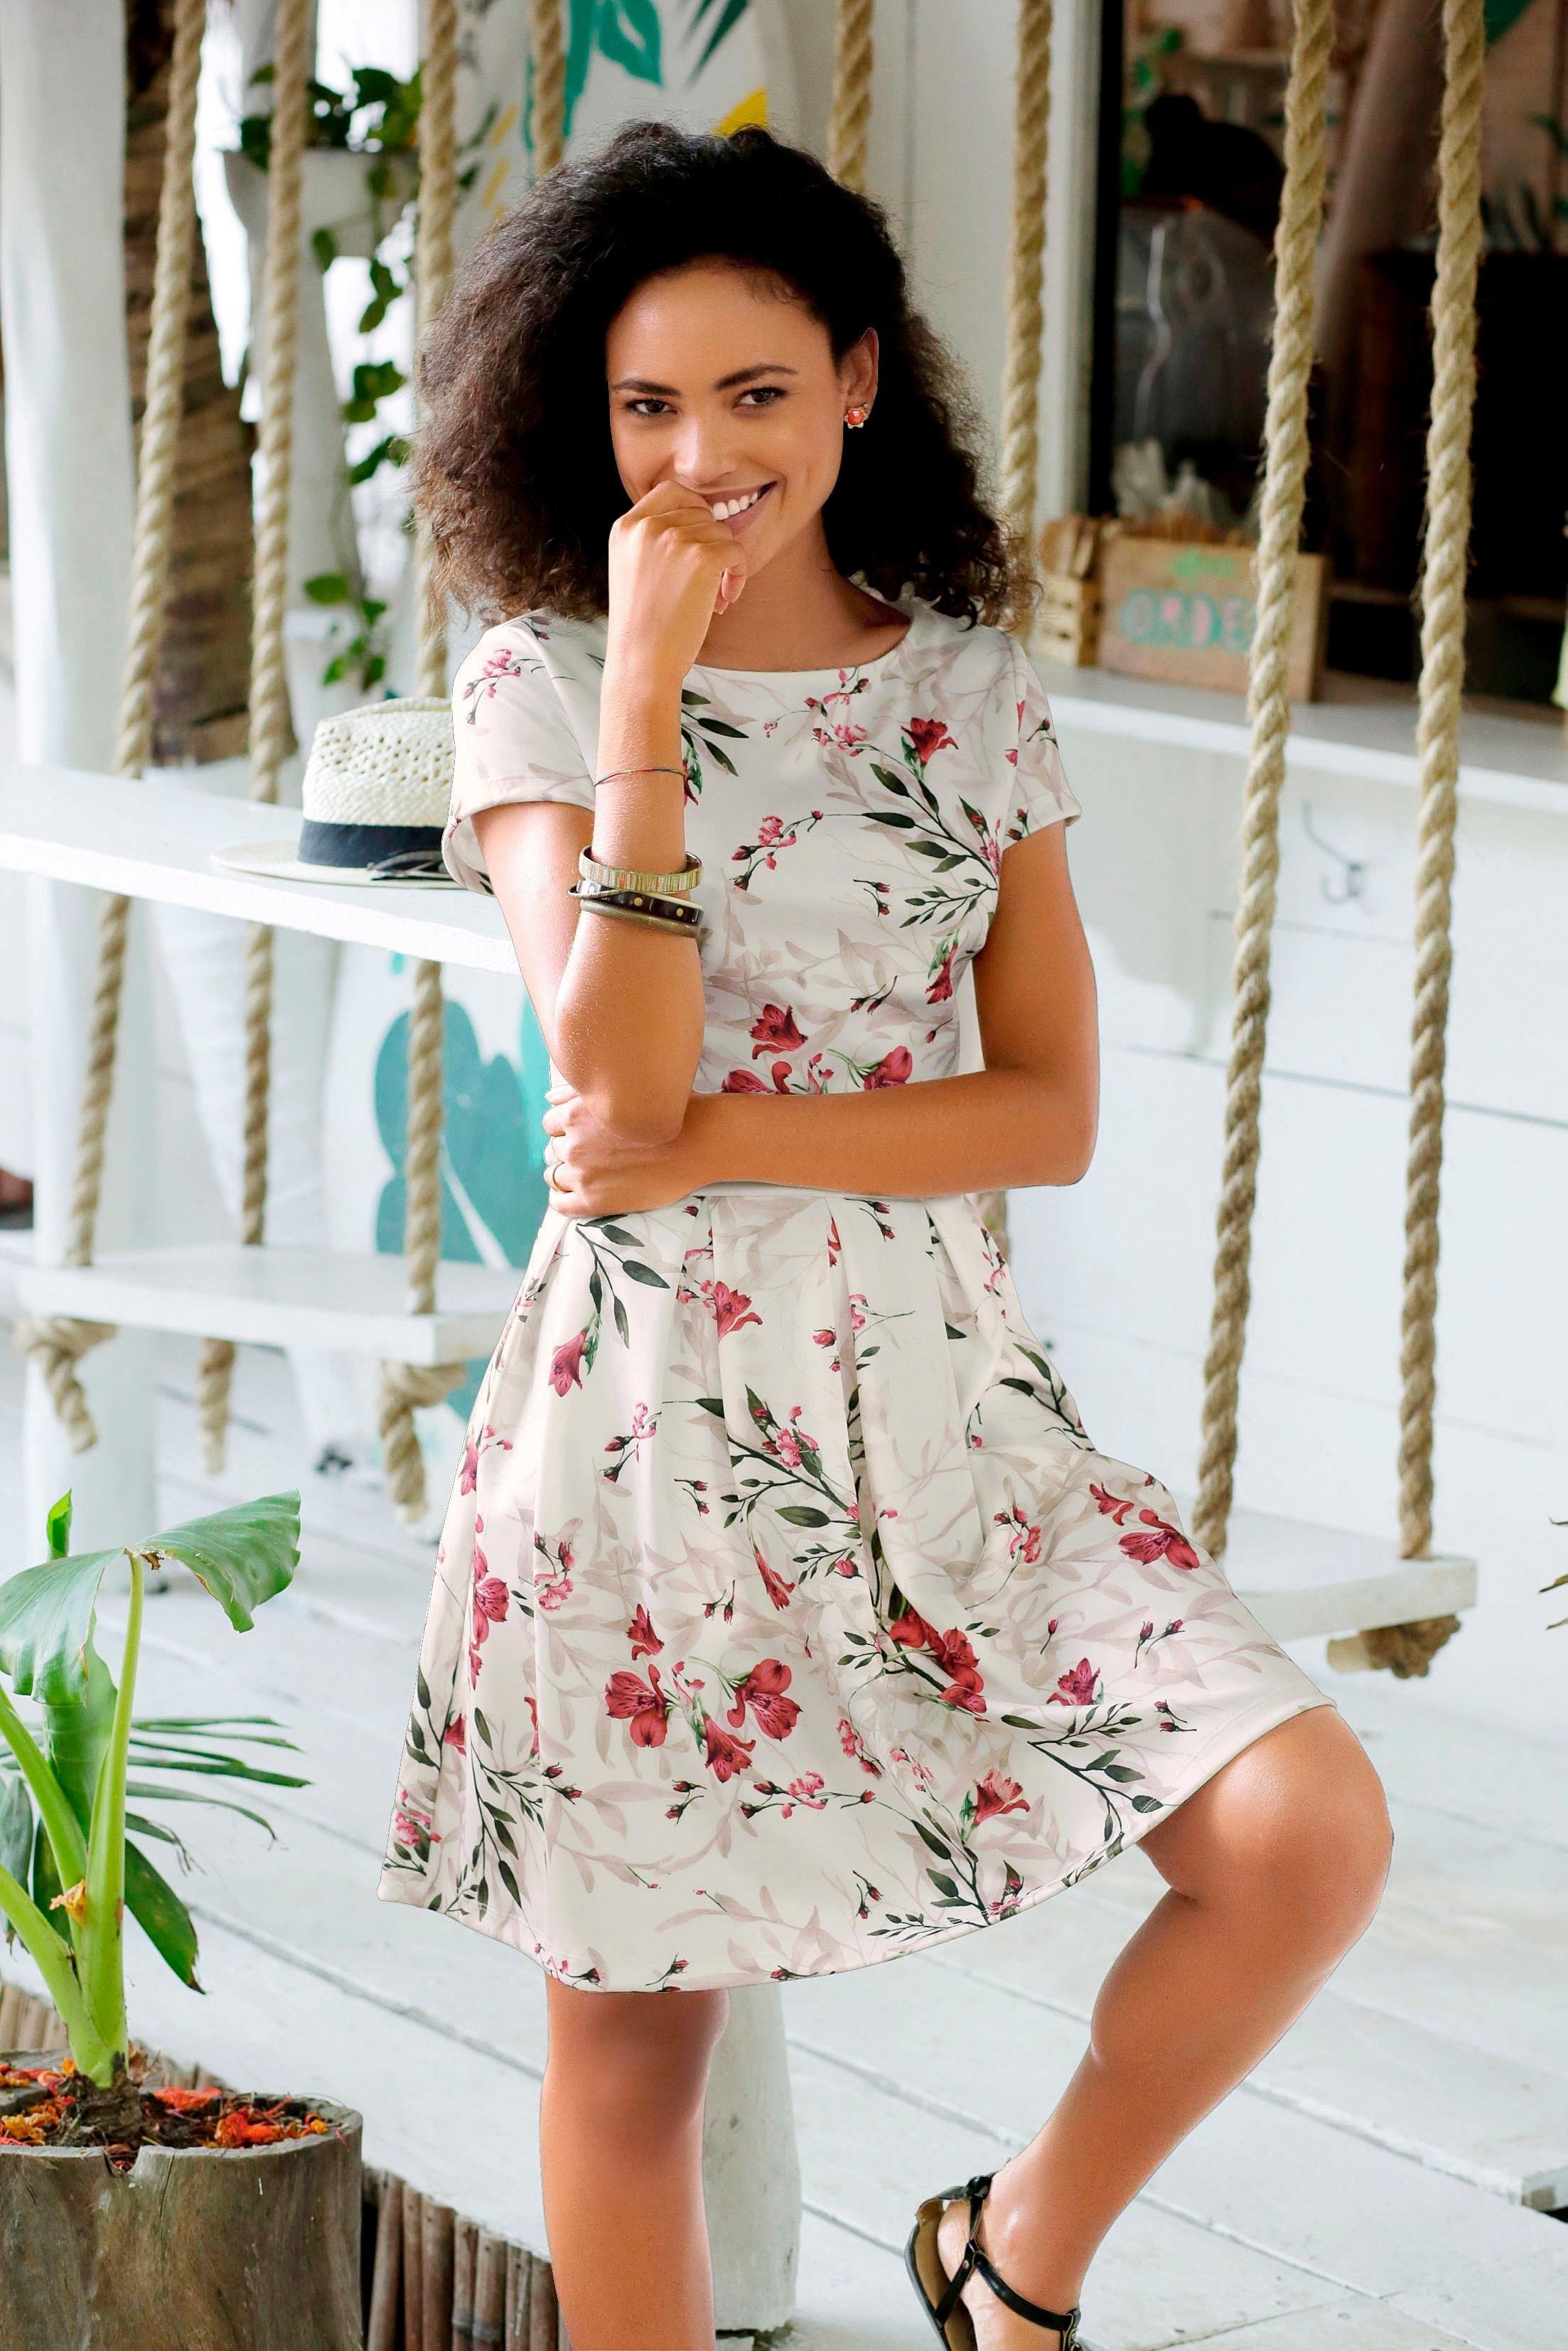 Bloemmotief Shop Online Scuba Lascana In Met jurk De VMqSUpz